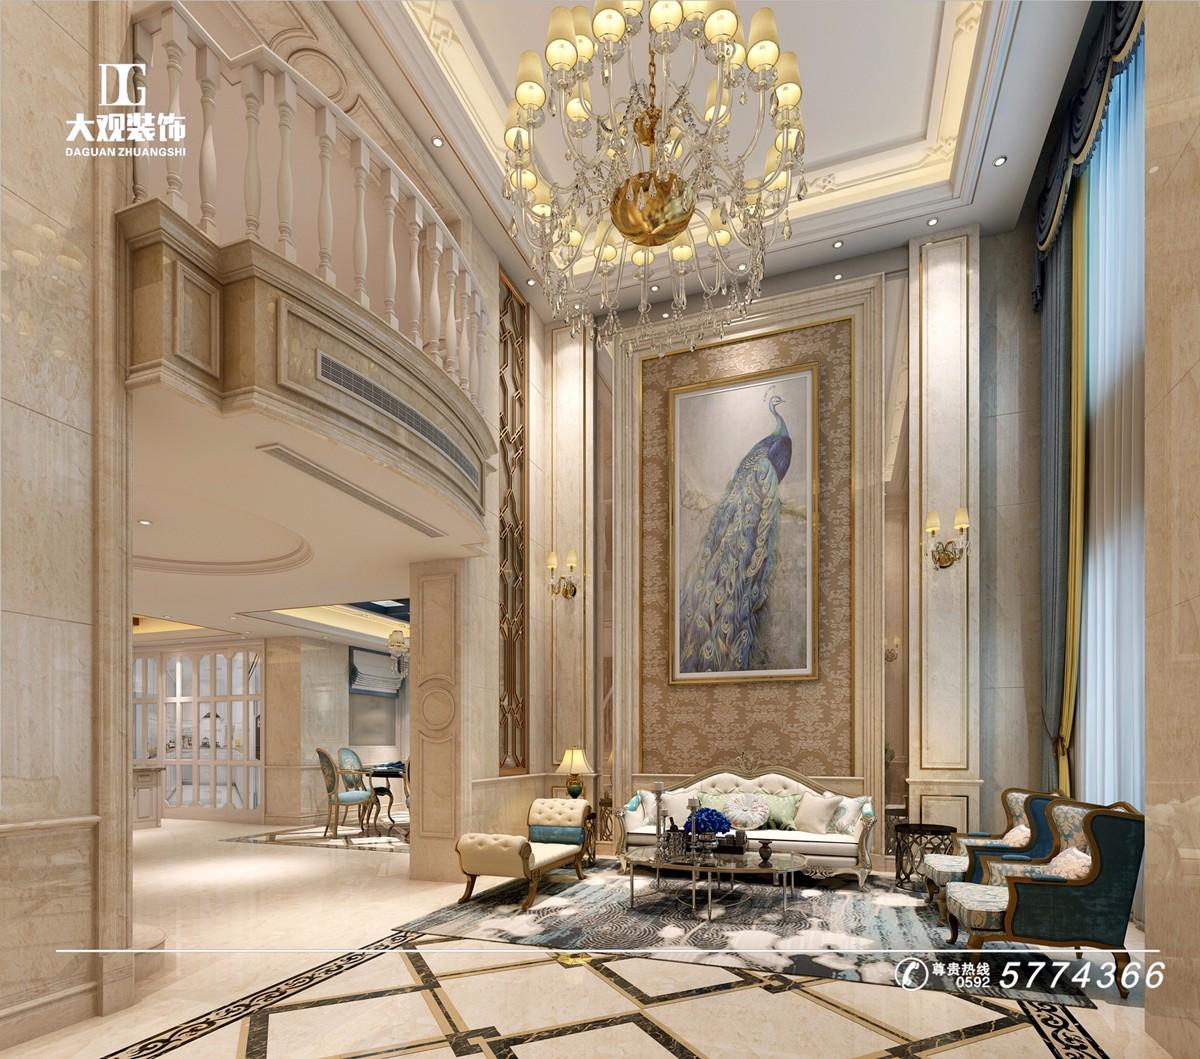 龙岩紫金山别墅案例创新设计别墅图片